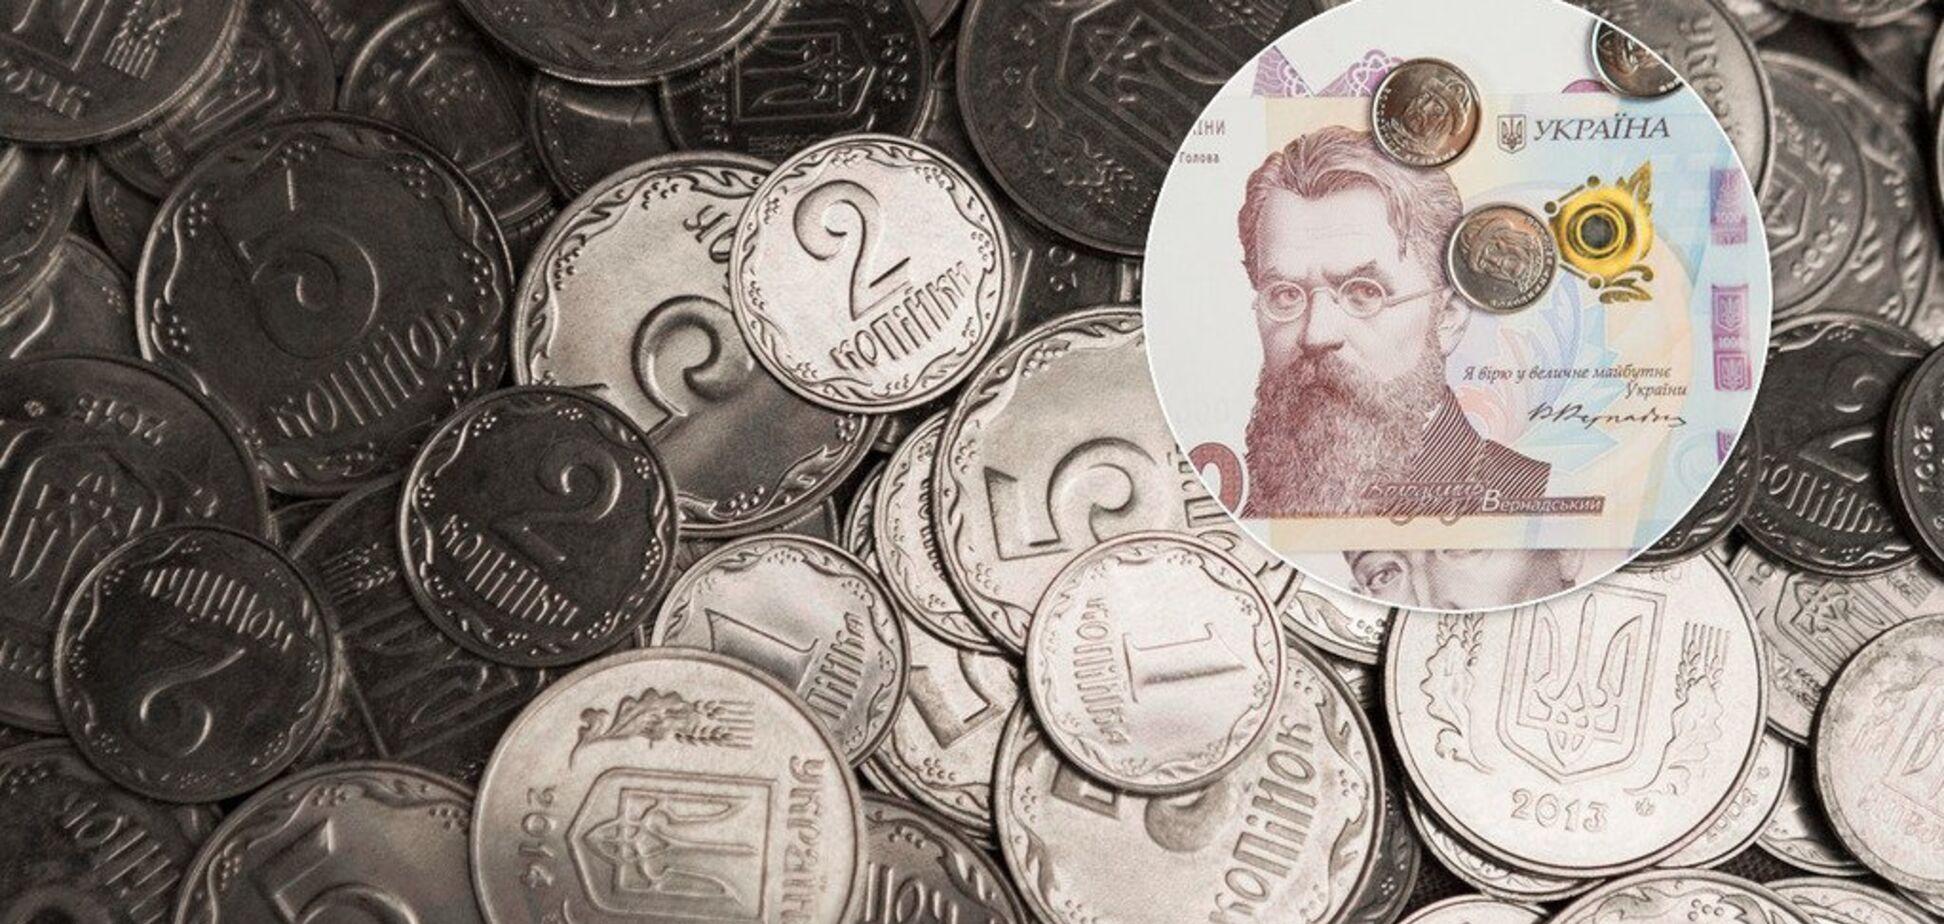 В Украине запретят часть денег и введут новые купюры: что нужно знать